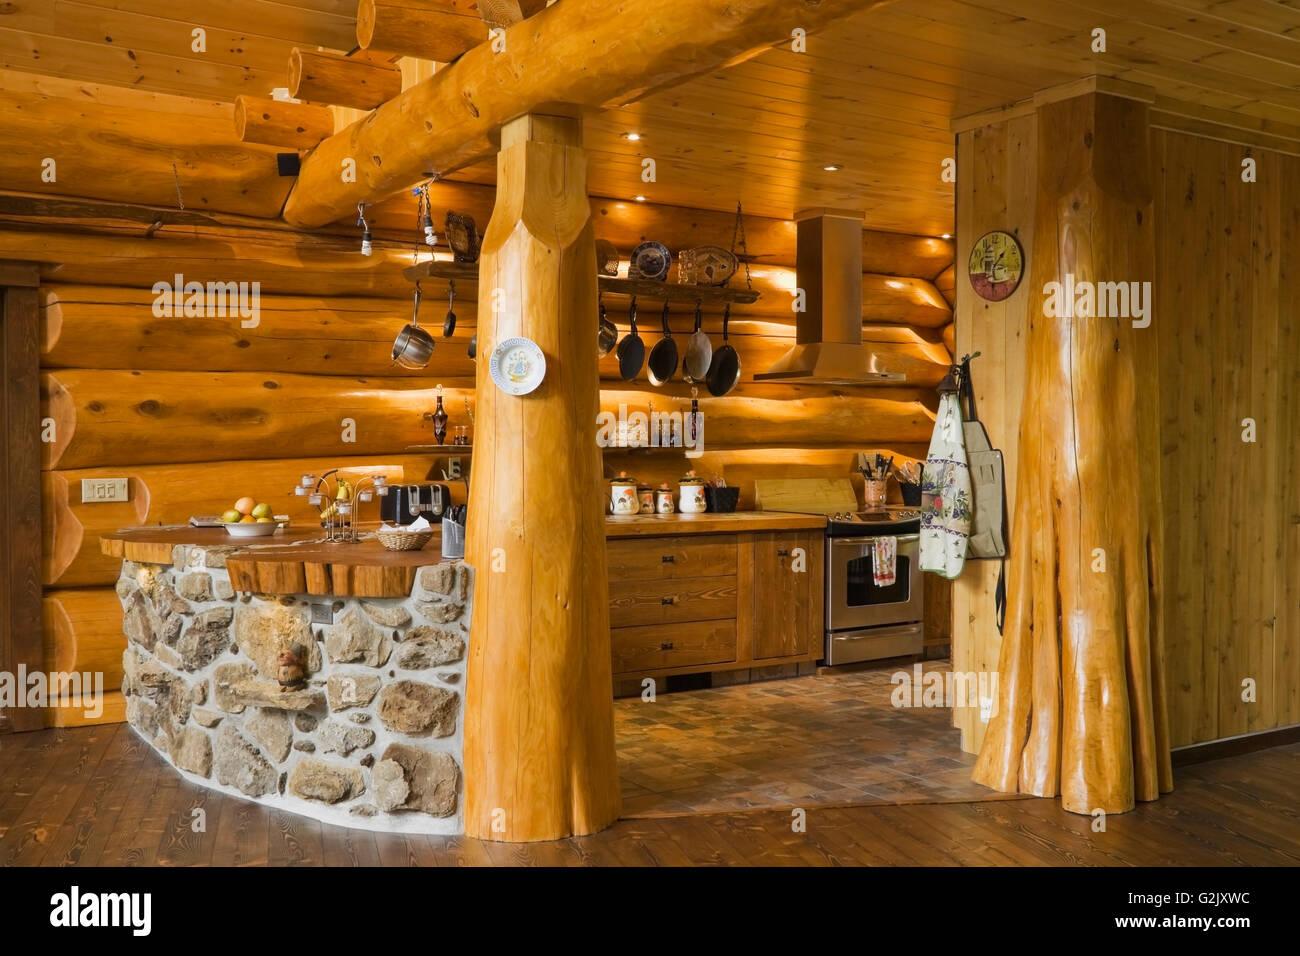 Gebogene Küchenbar konstruiert Feldsteinen porösen Felsen in eine ...